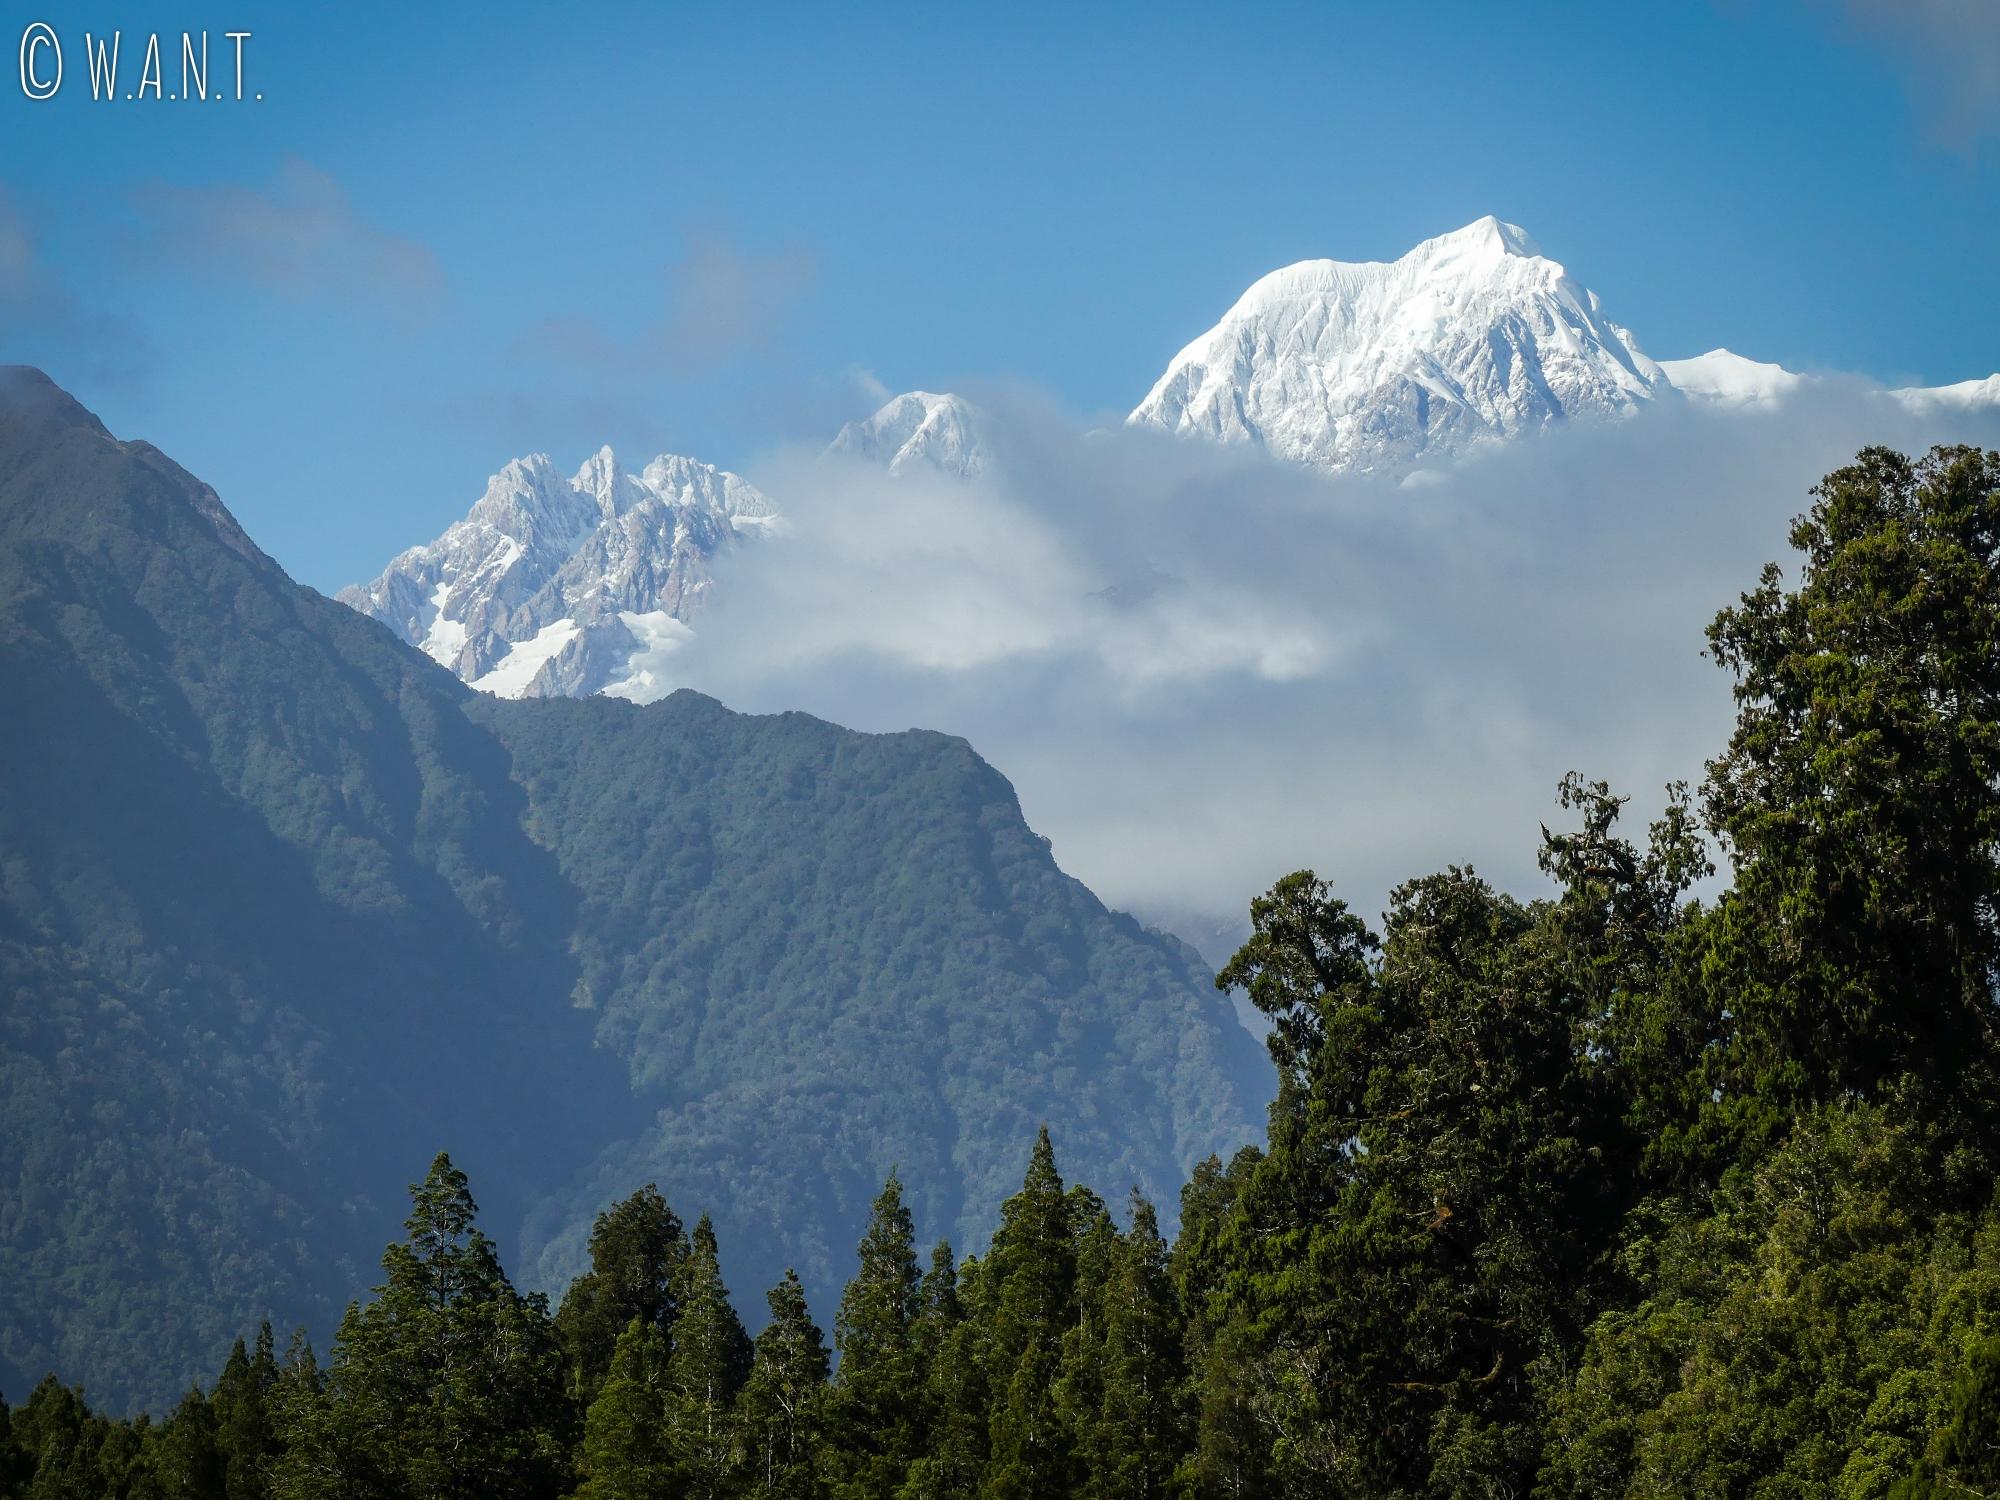 Vue sur le Mont Tasman depuis le lac Matheson en Nouvelle-Zélande